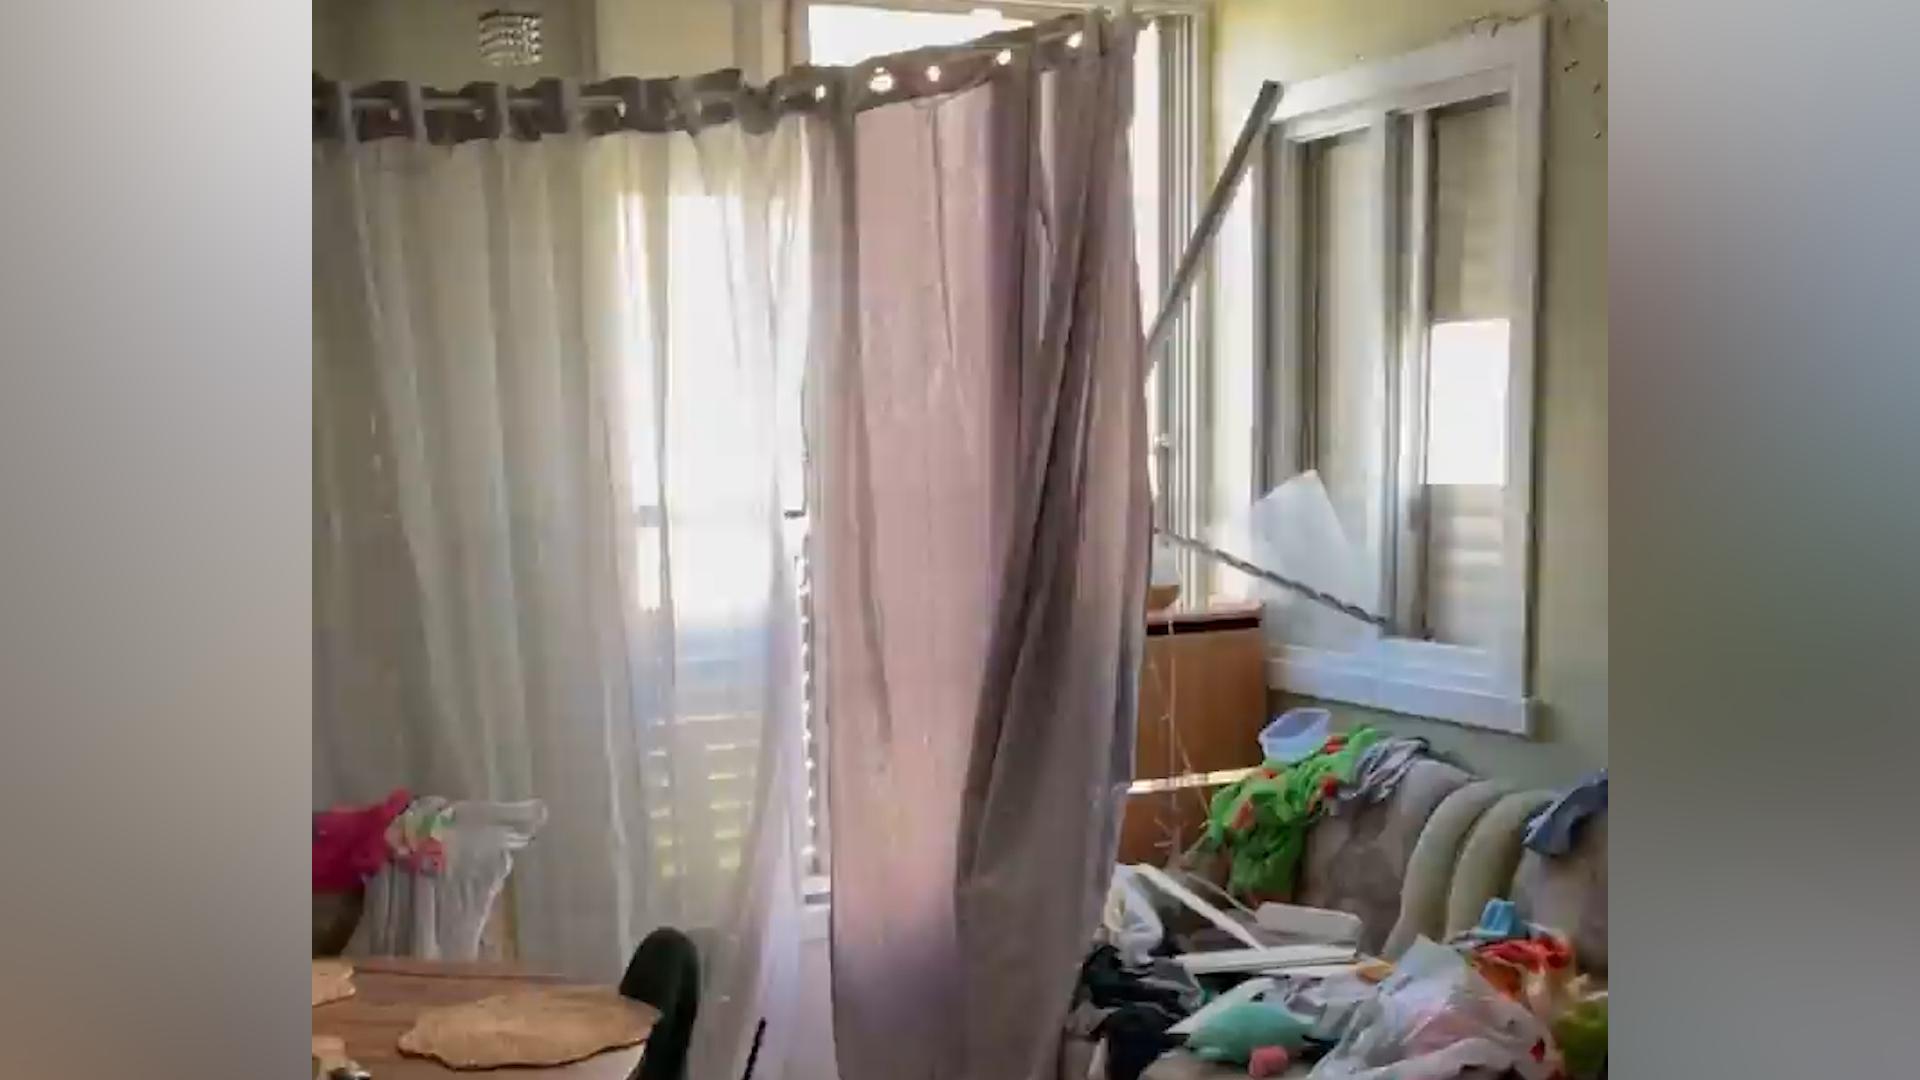 Идёт практически война: Житель Израиля рассказал об обстановке после ракетного обстрела ХАМАС